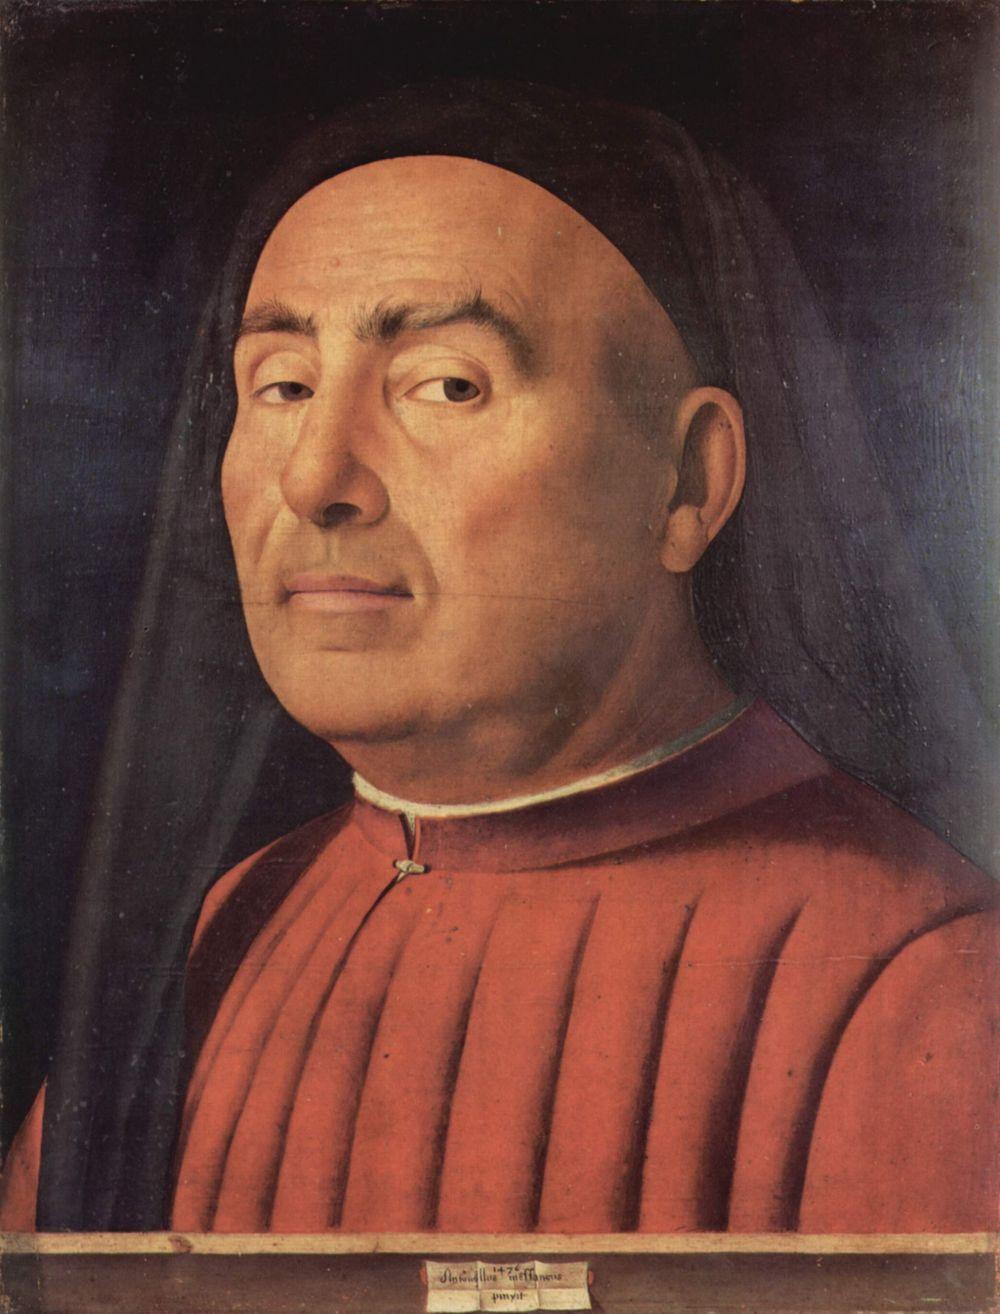 Antonello da Messina. Portrait of a man